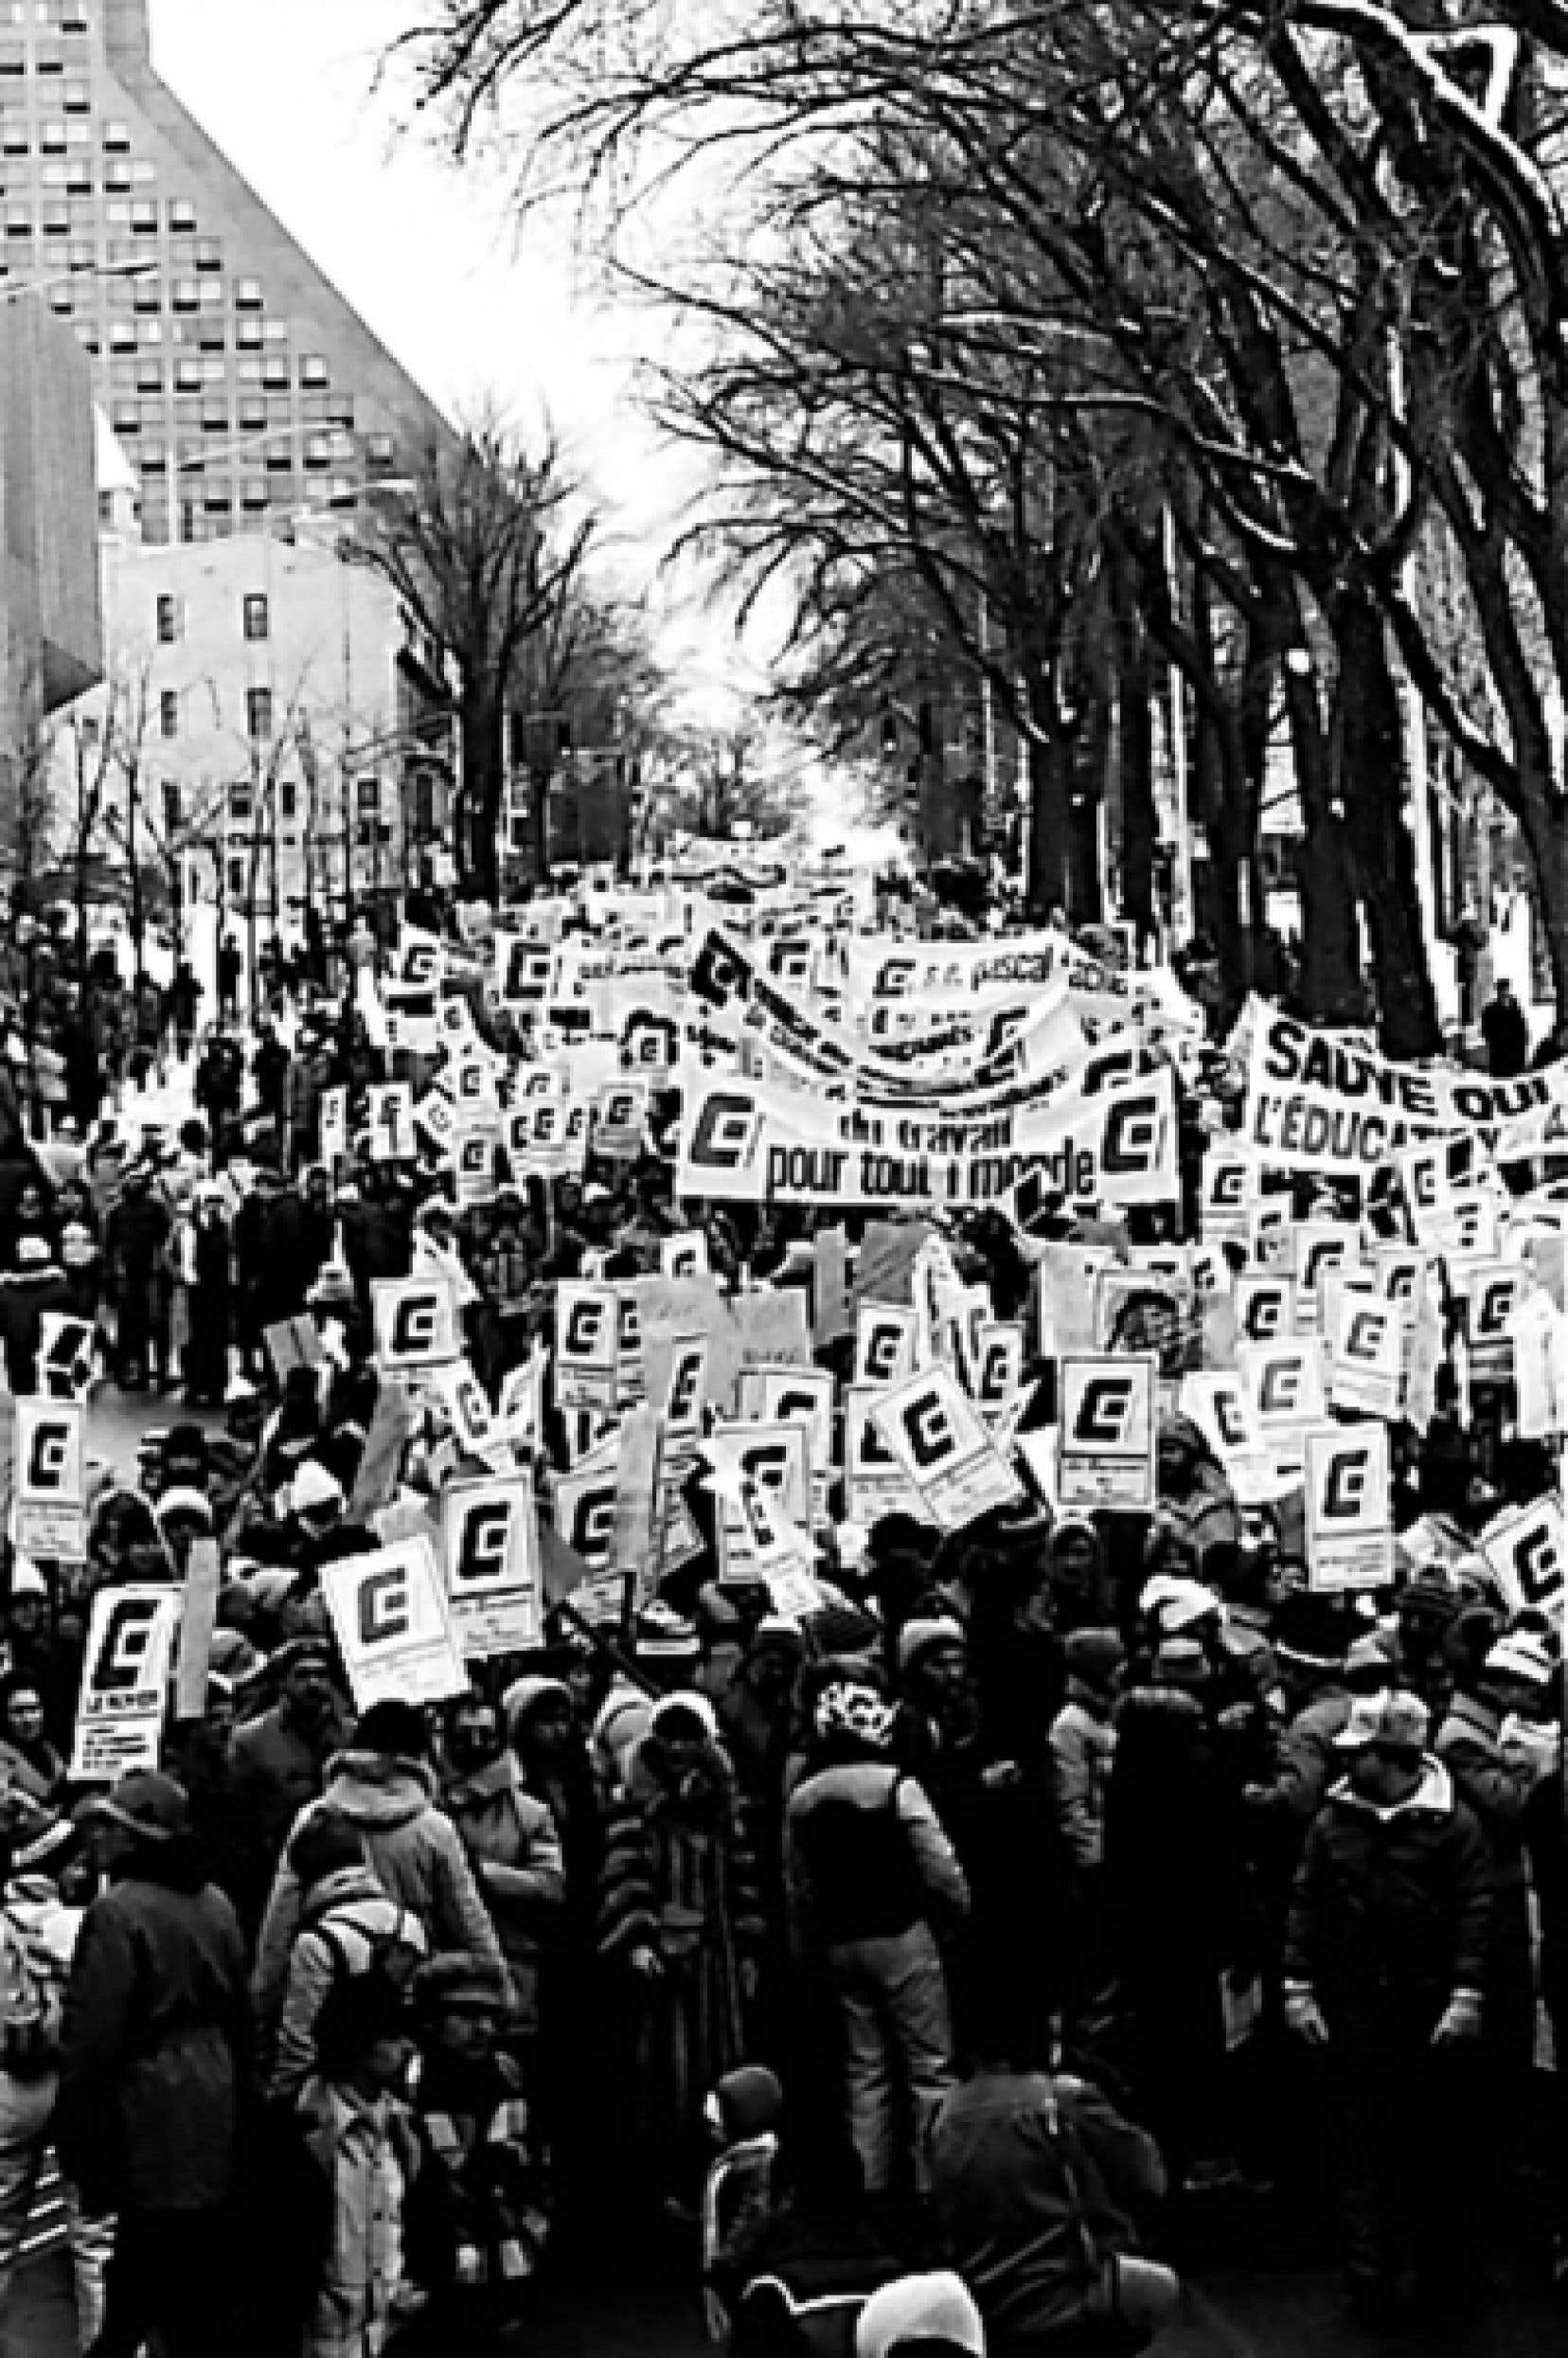 Manifestation contre la loi 111 en 1983, qui force le retour au travail des eneignants en grève avec de lourdes pénalités.